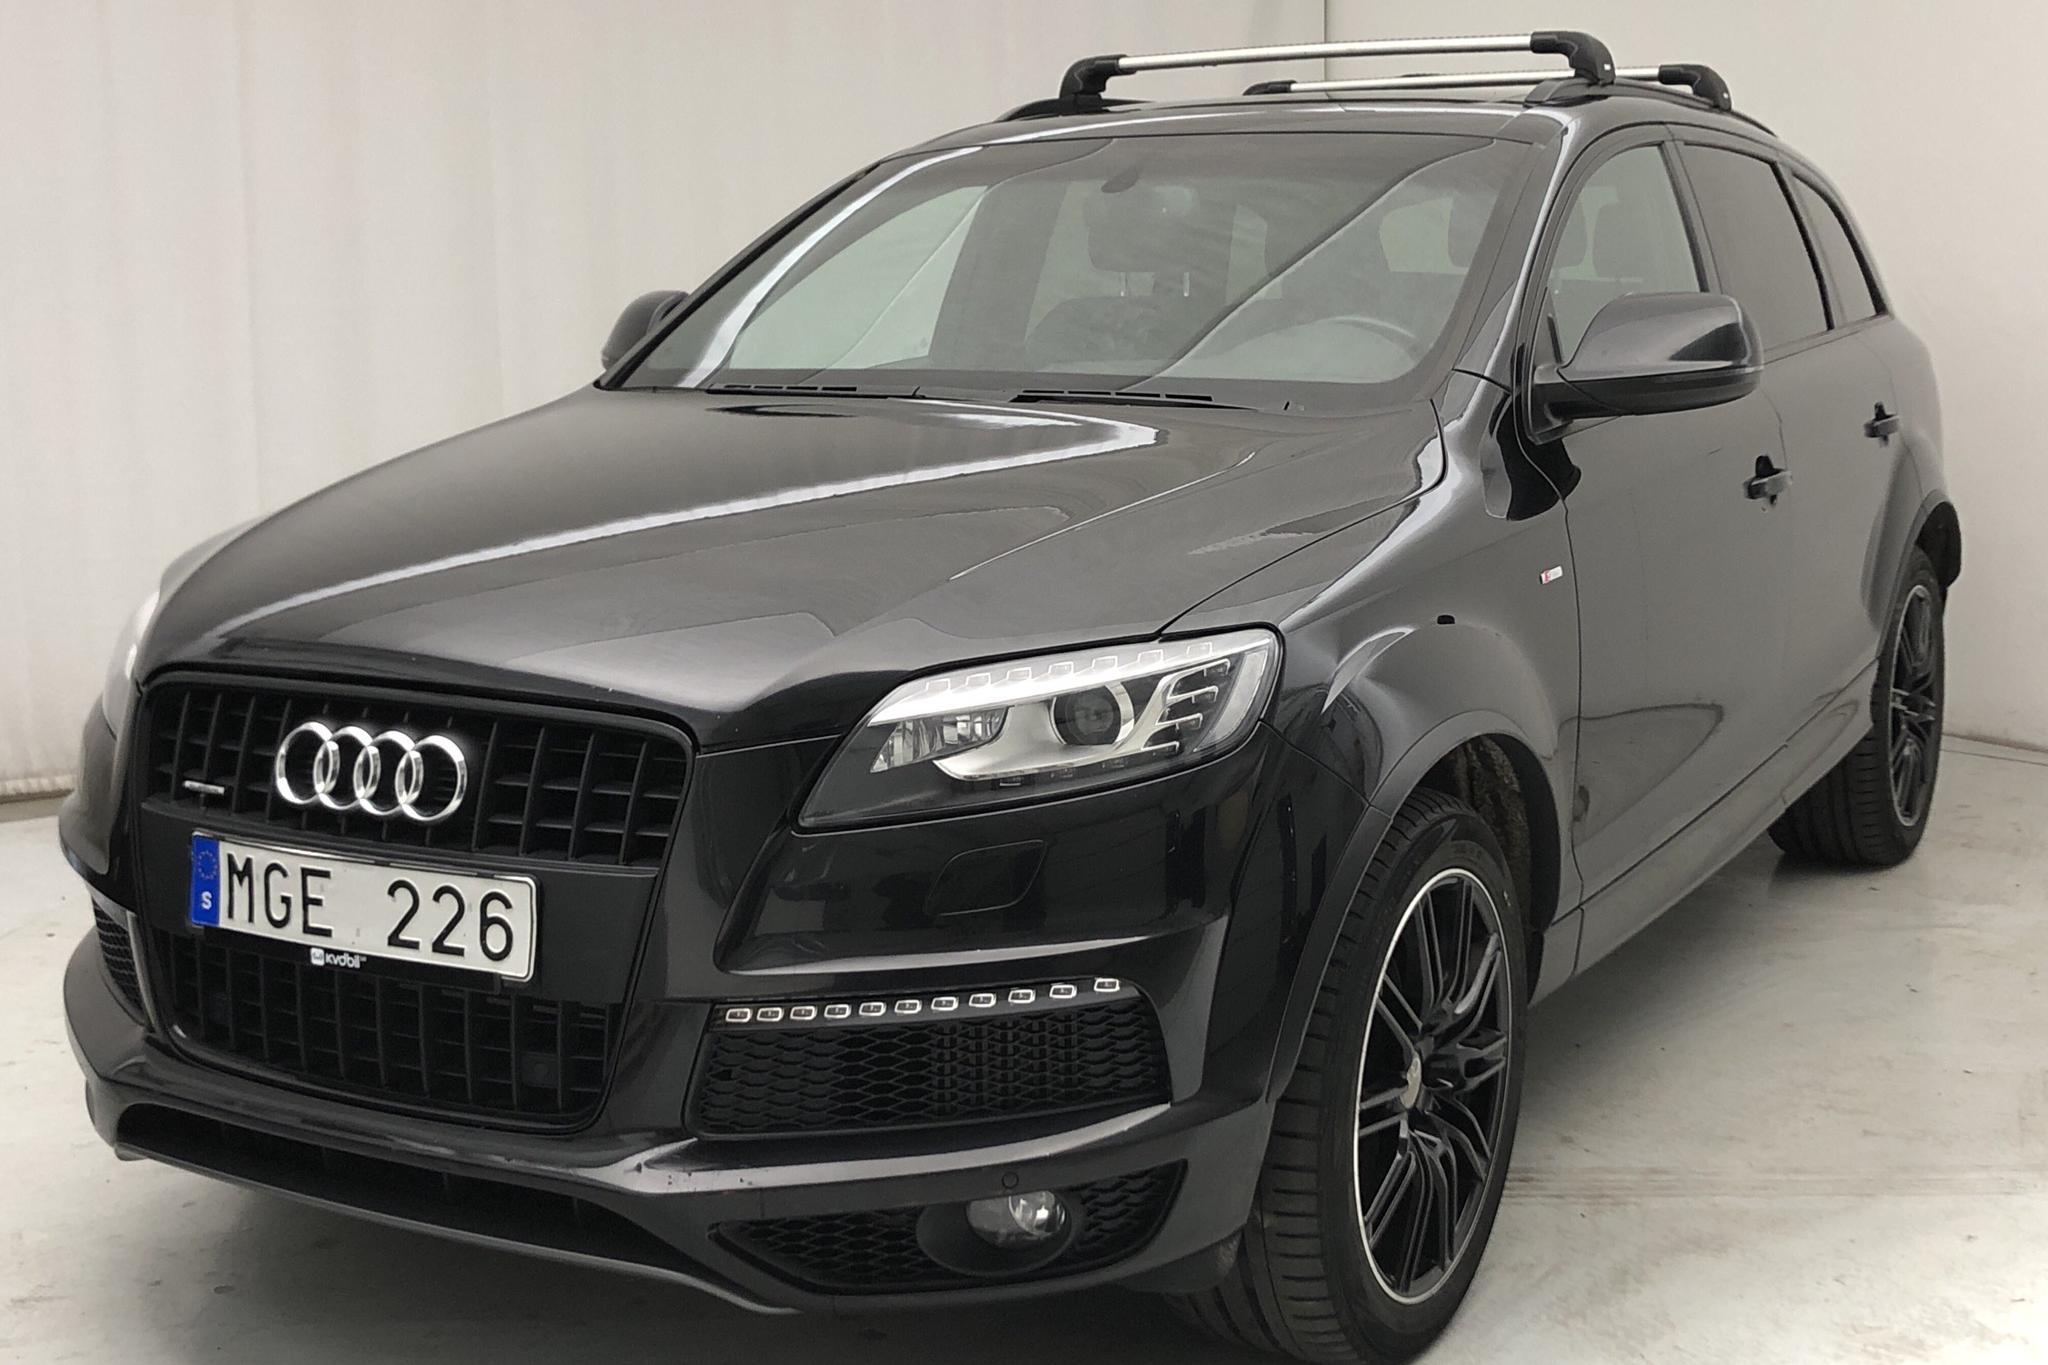 Audi Q7 3.0 TDI quattro (245hk) - 135 130 km - Automatic - black - 2012